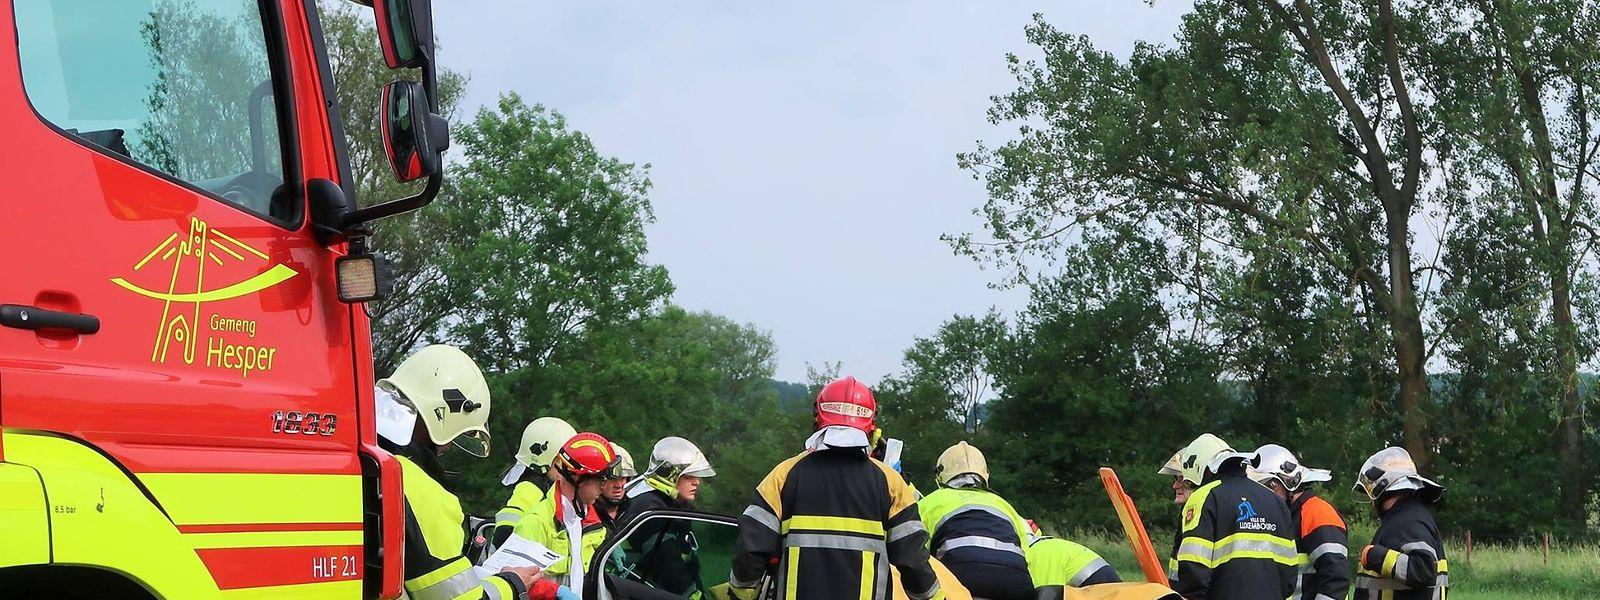 Die Rettungskräfte mussten den Beifahrer aus dem Auto befreien.